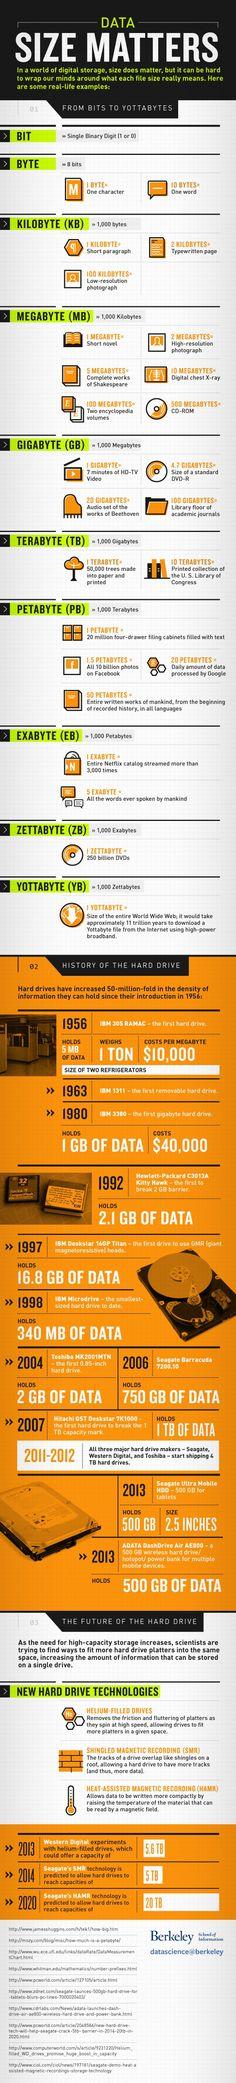 In A World of Digital Storage, Size Matters #hackgenealogy #data